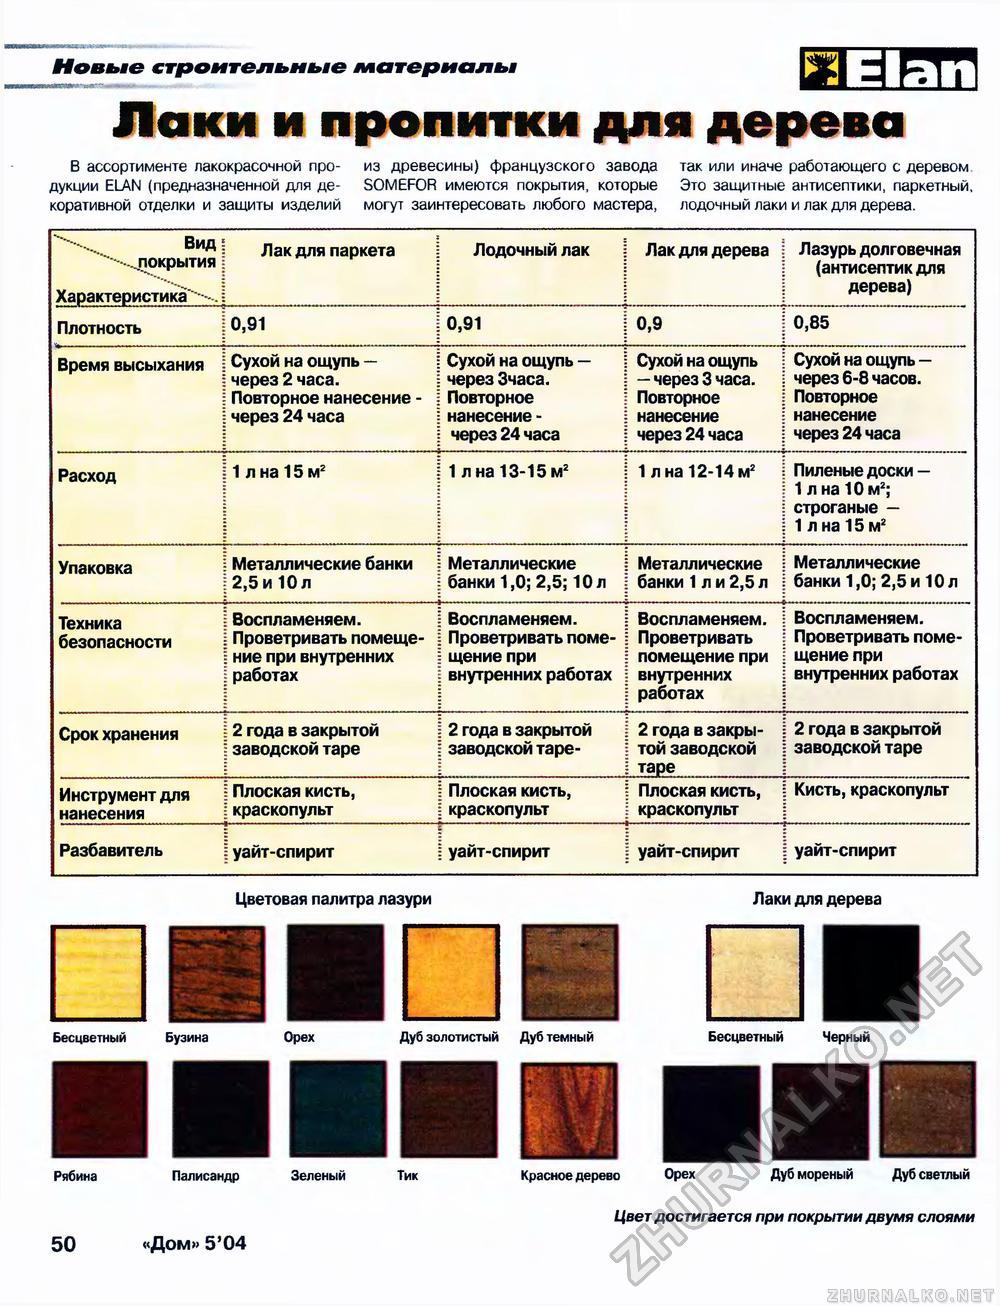 Бесцветный лак для дерева: быстросохнущий прозрачный вариант без запаха, огнезащитный спрей и эпоксидное покрытие для деревянного пола, примеры применения в интерьере